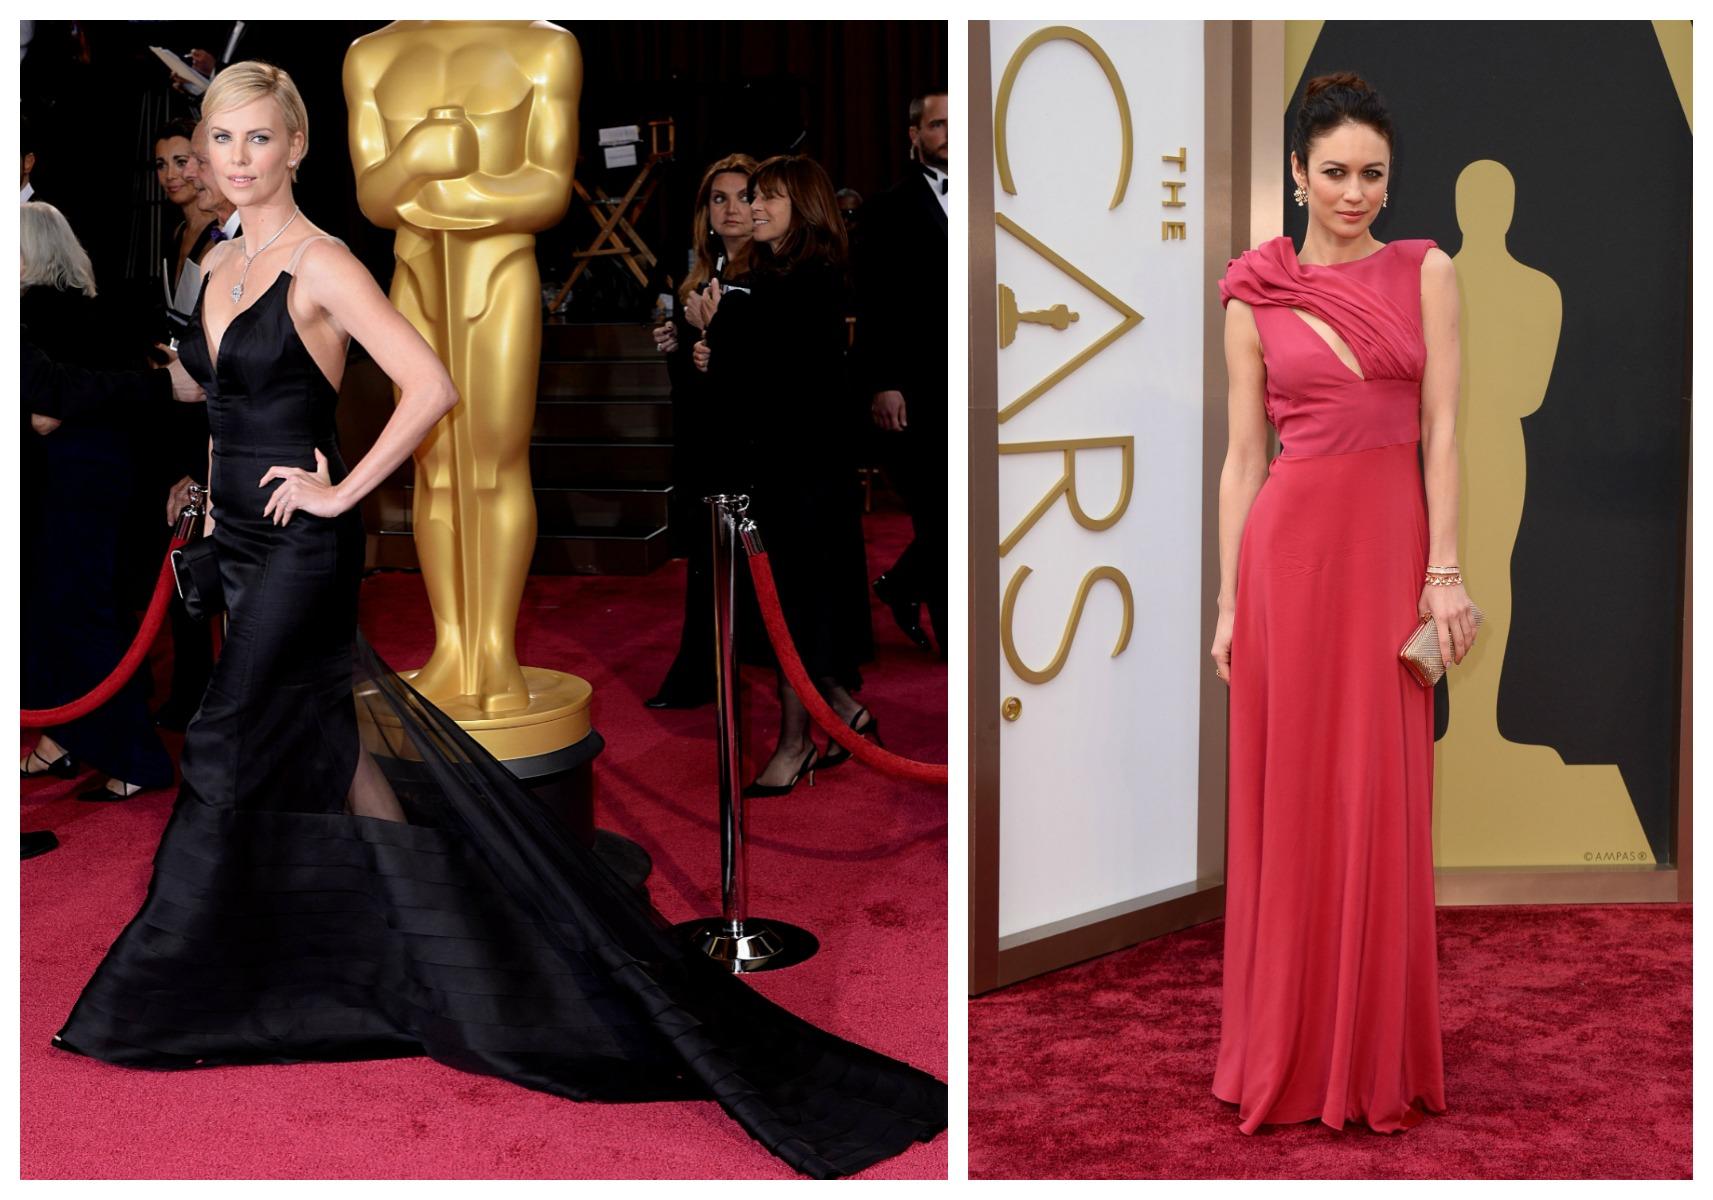 gala de los oscar 2014 mejores vestidas looks estilos style outfit ganadores vith consultoria de moda antonio pozuelo diseñador español (2)